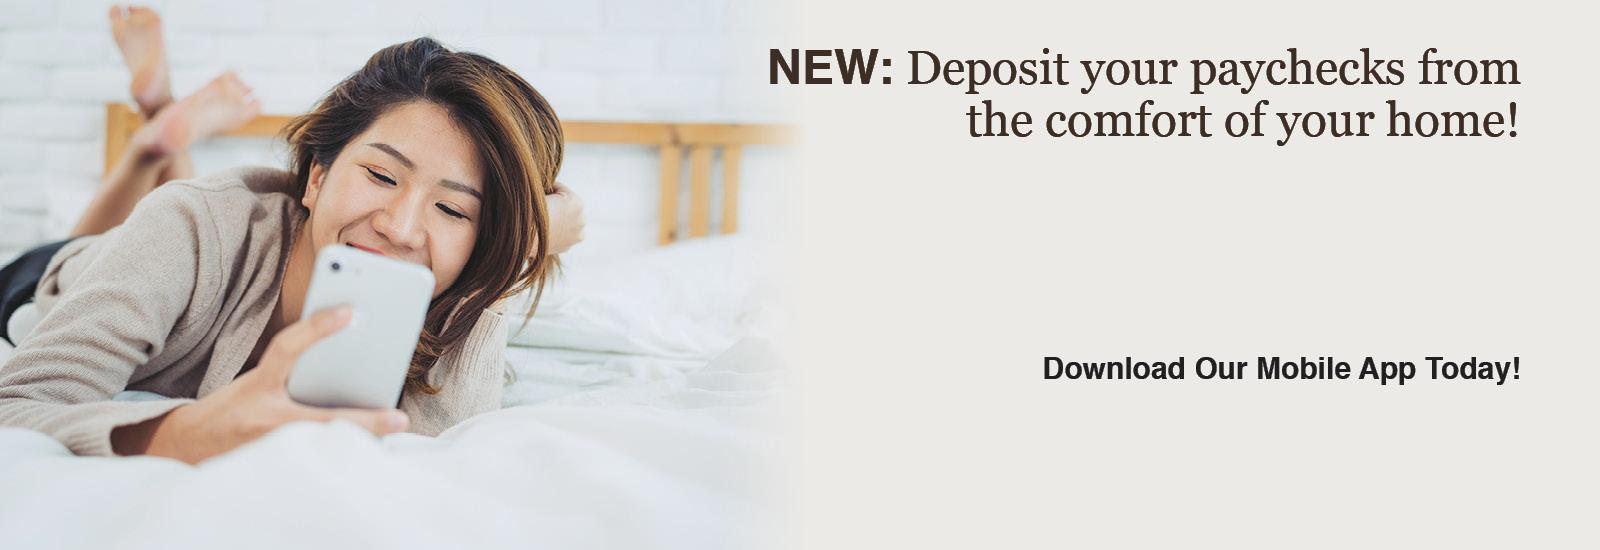 remote deposit image slide